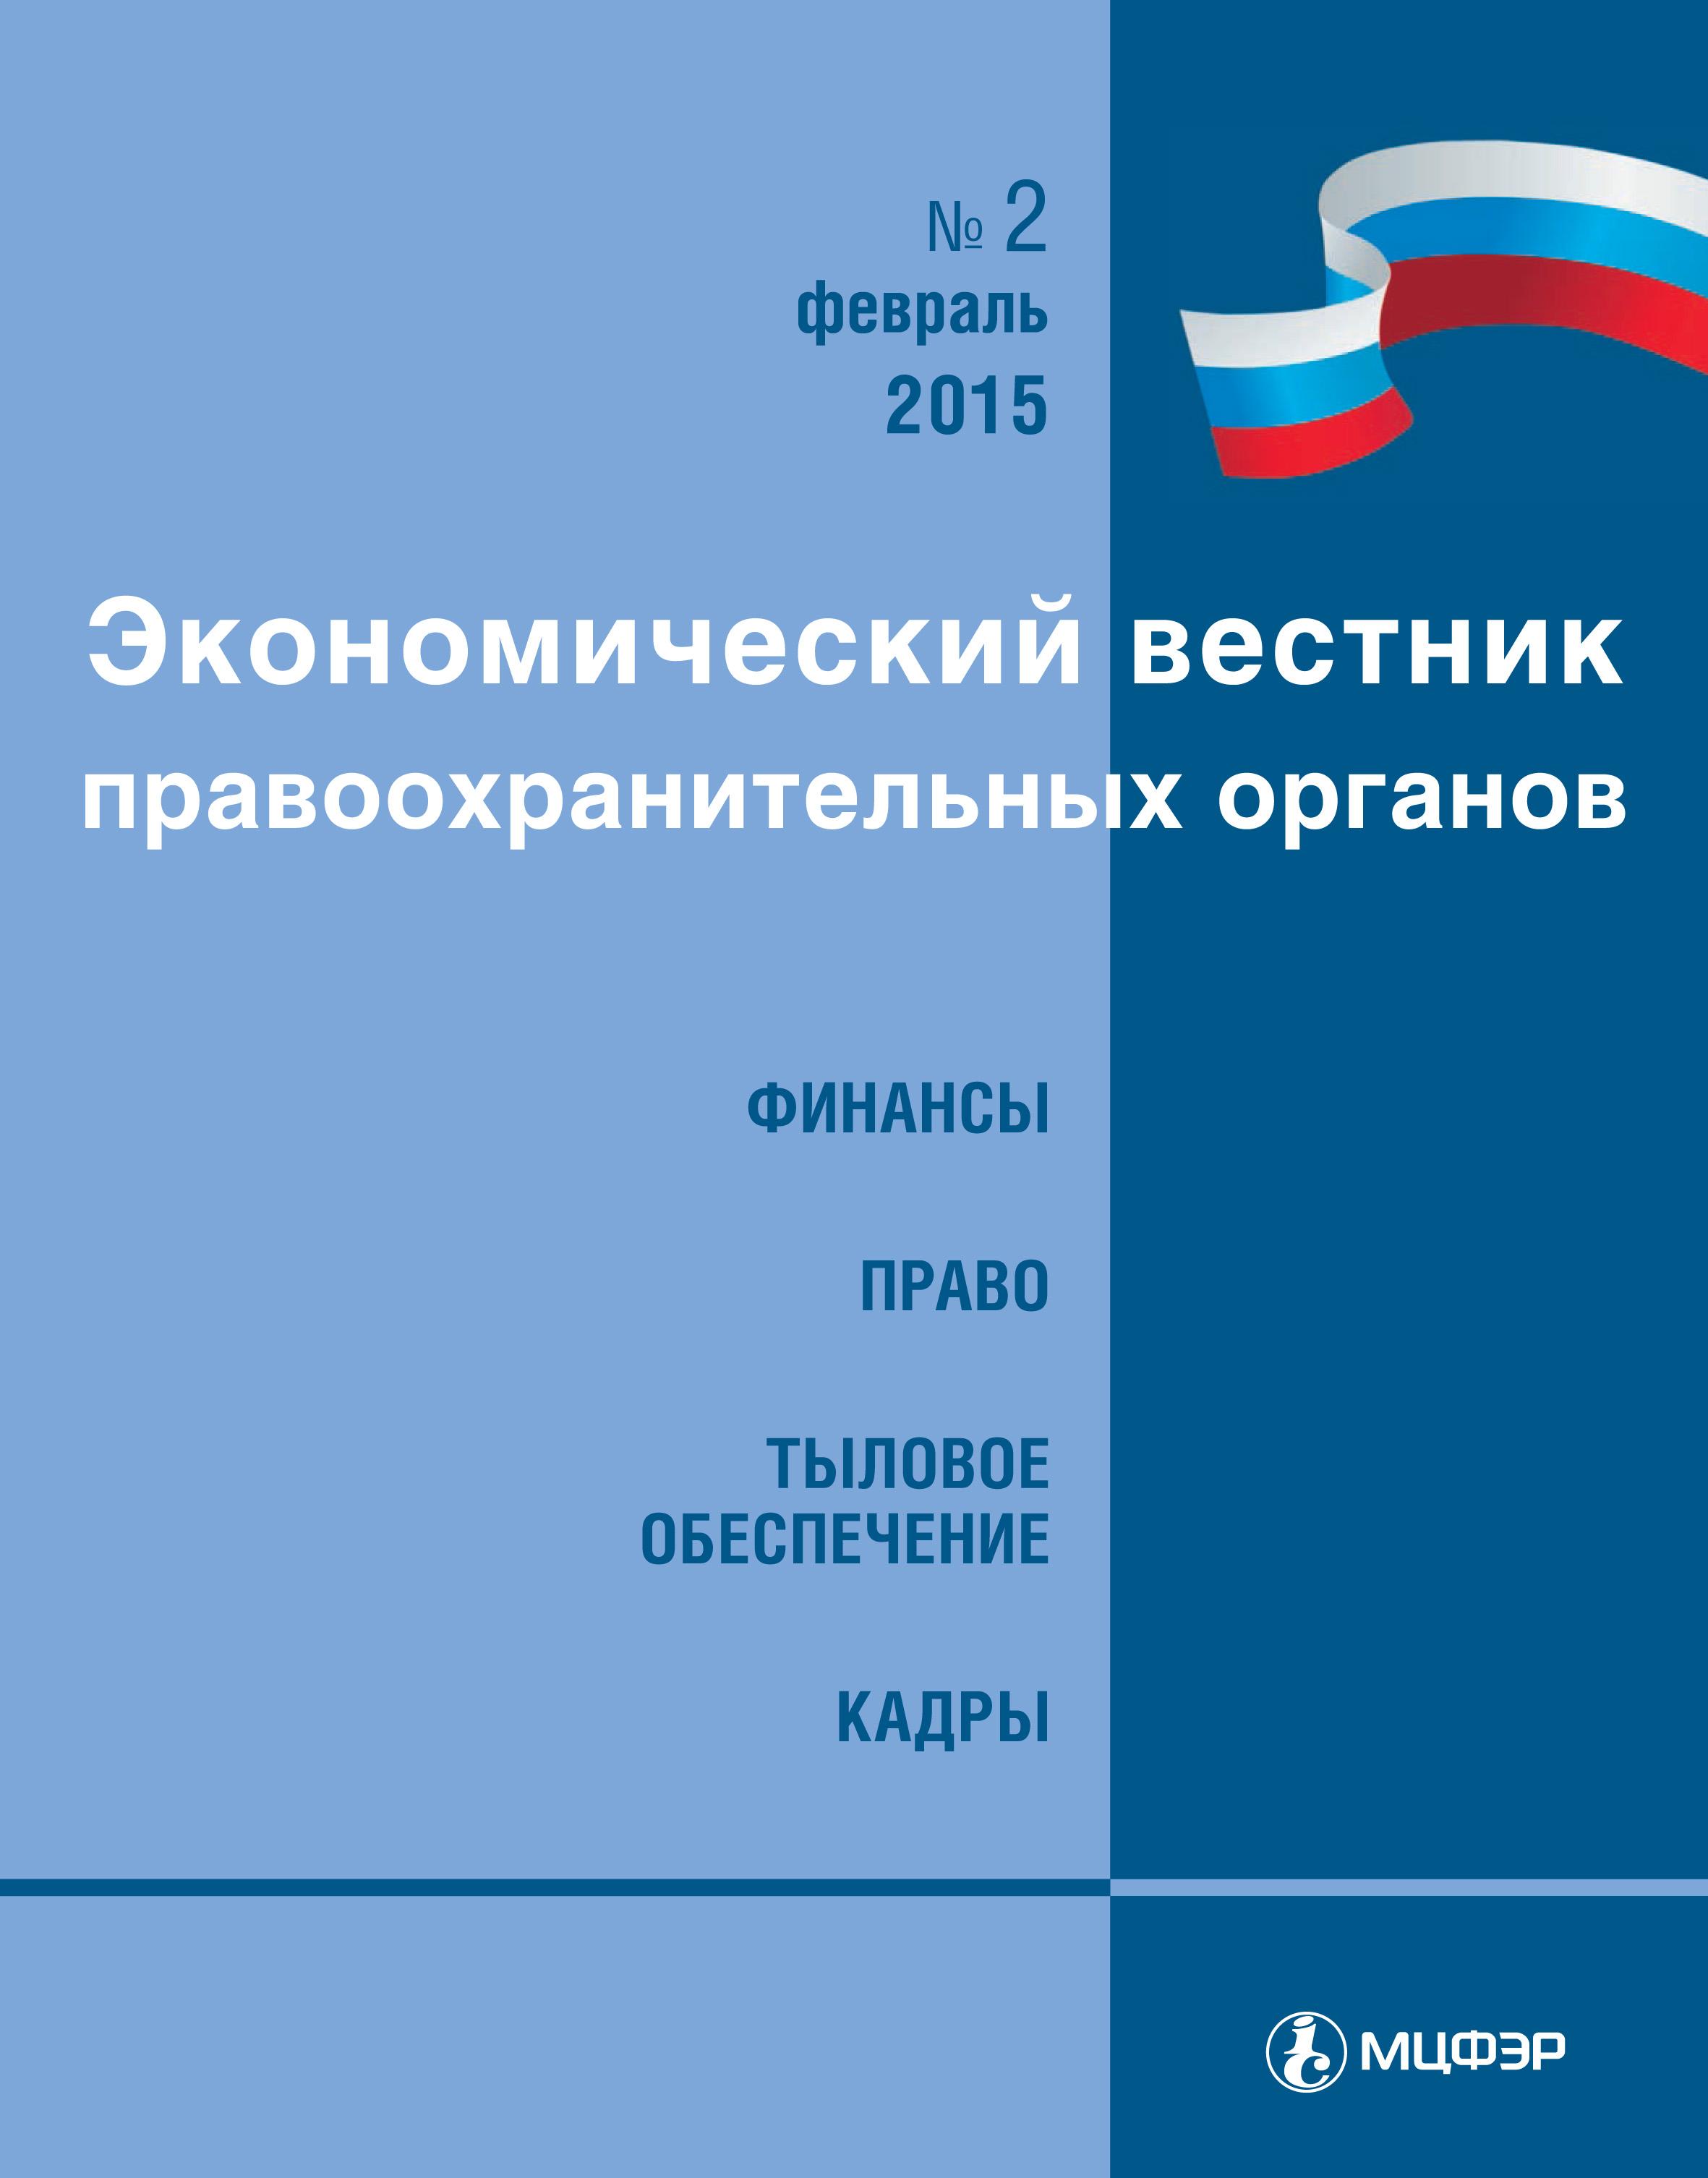 Экономический вестник правоохранительных органов №02/2015